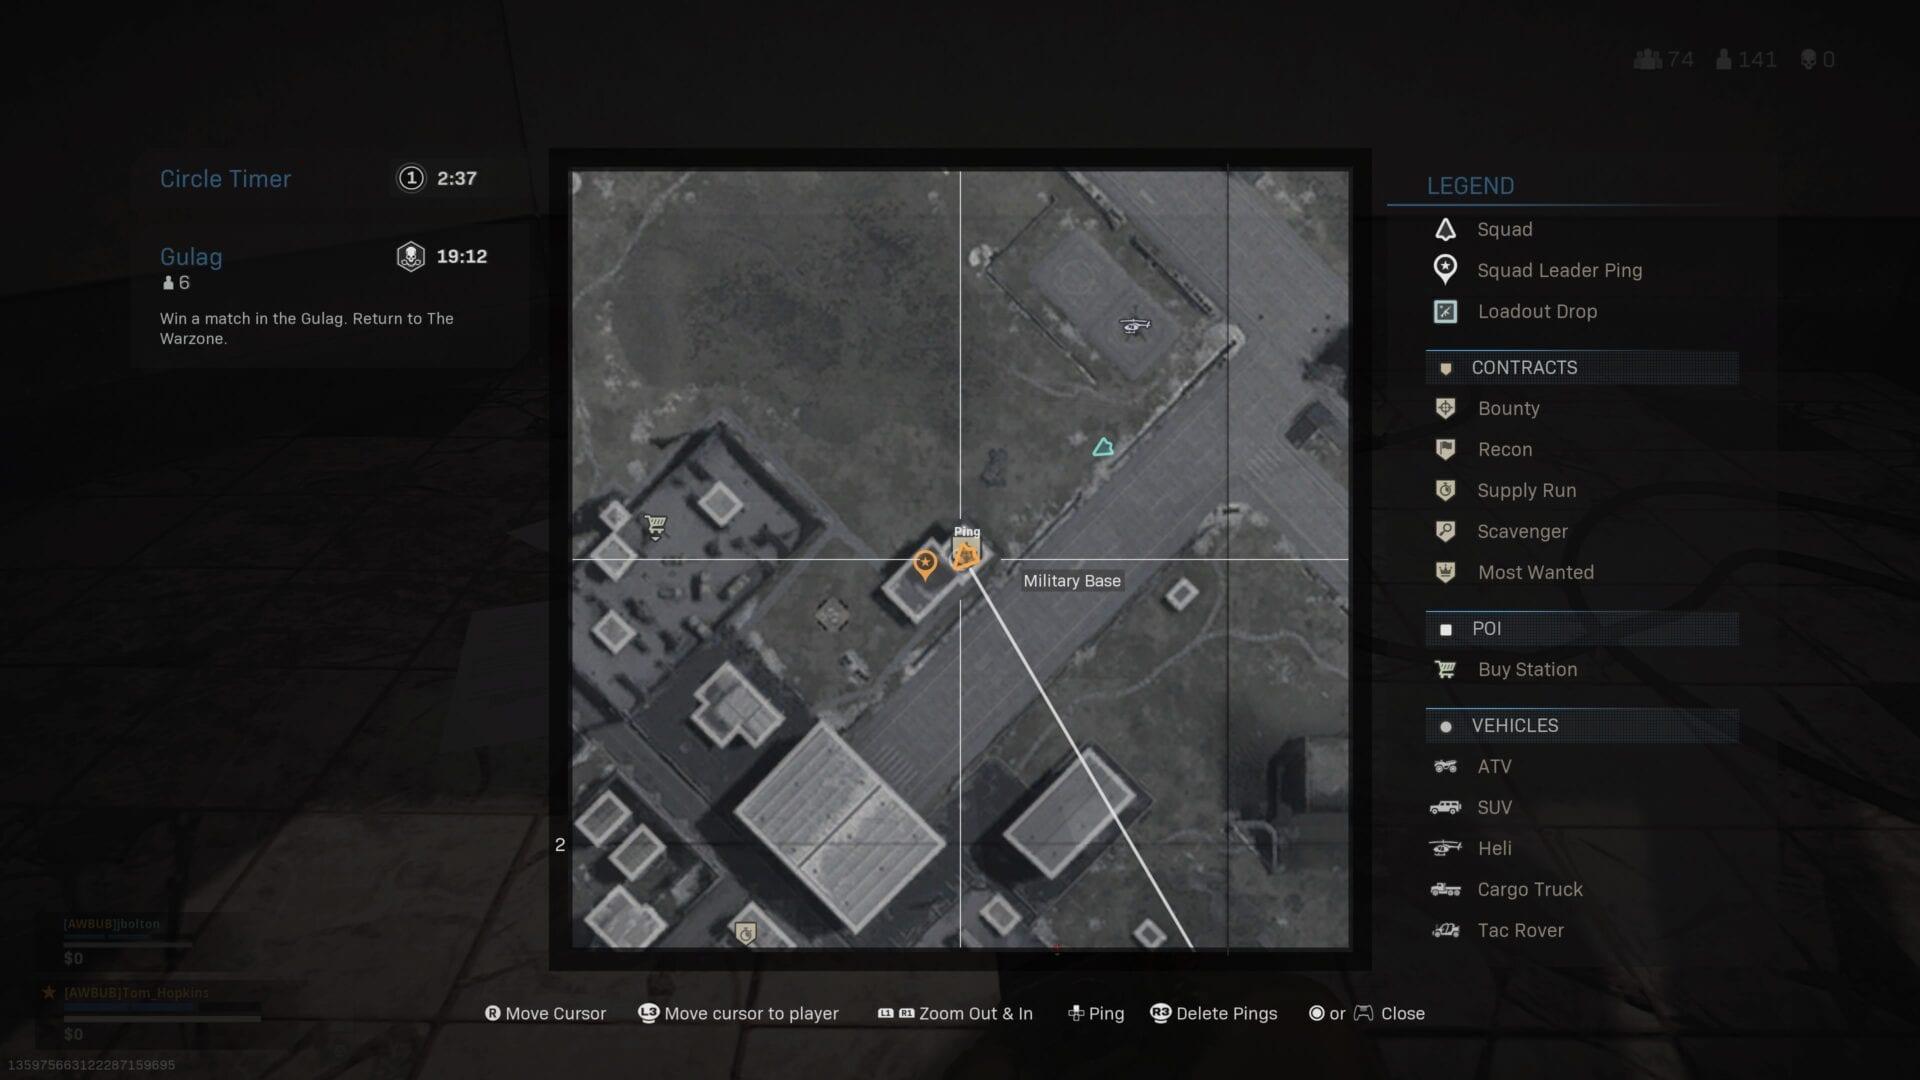 zona de guerra, nuevas perspectivas